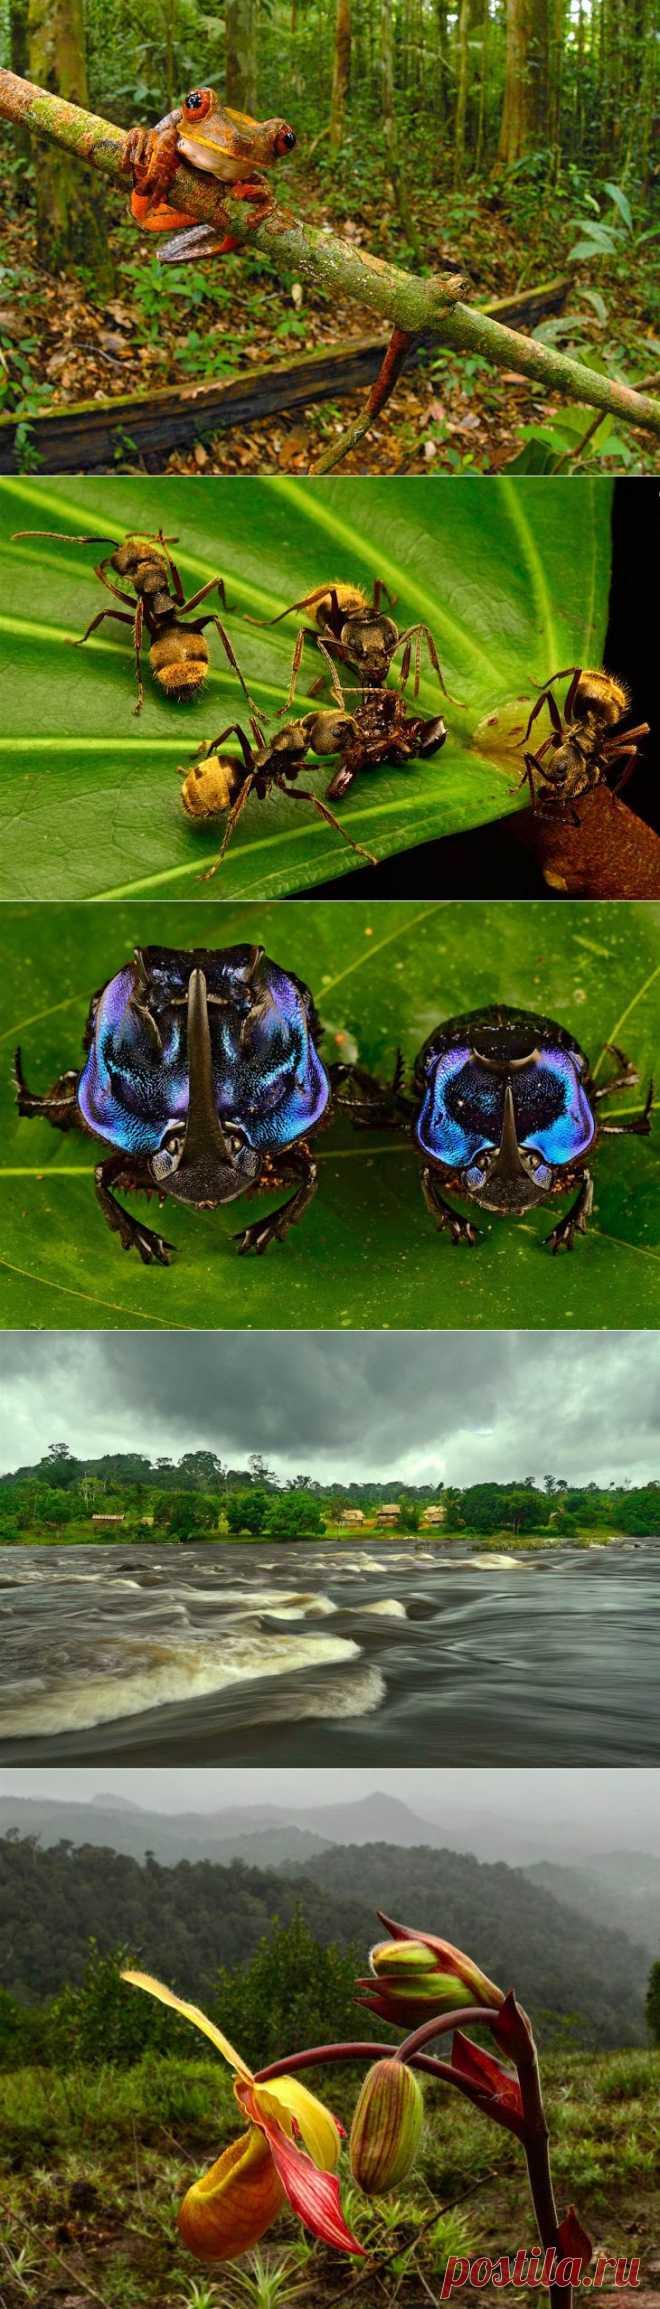 >> Редкие растения и существа Южной Америки | ФОТО НОВОСТИ